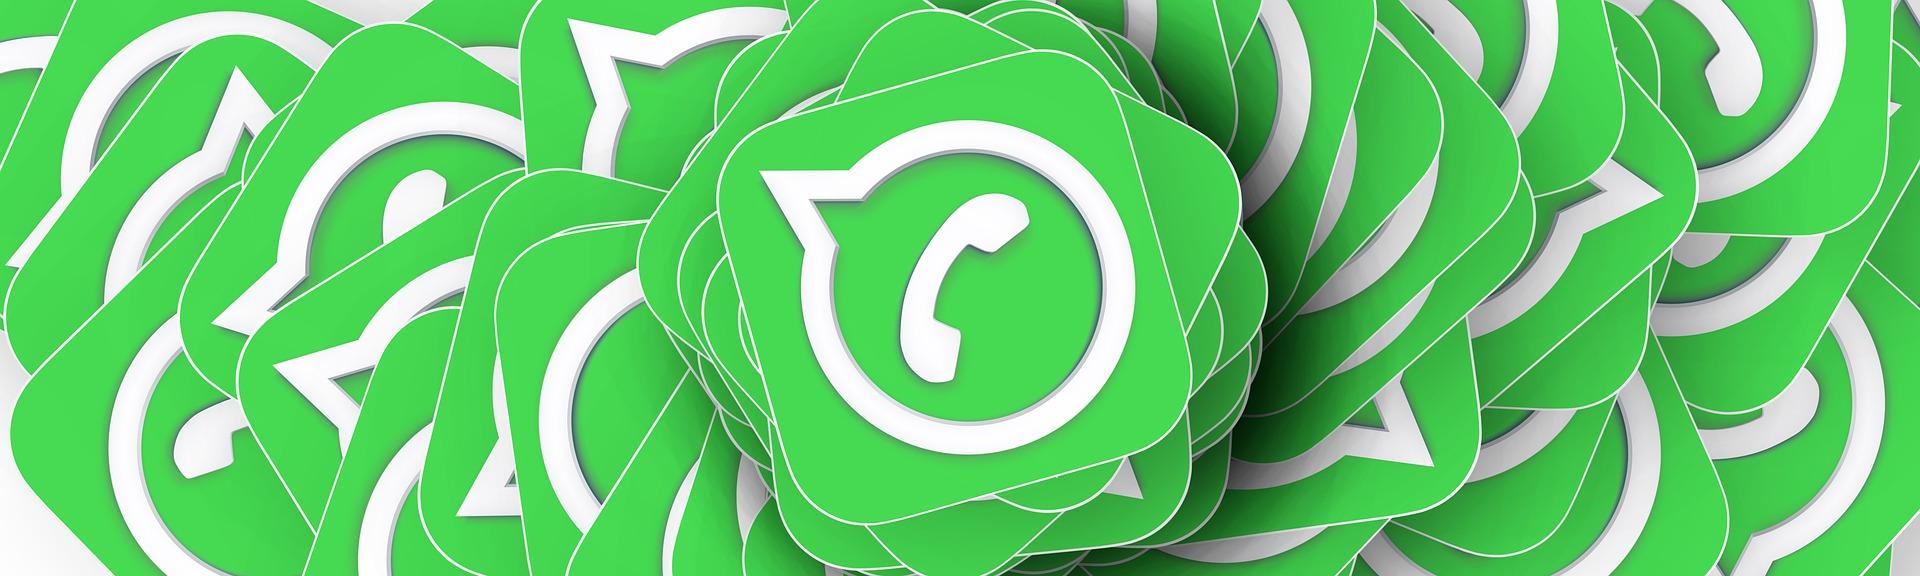 Ecco su quali telefonini smetterà di funzionare WhatsApp da novembre